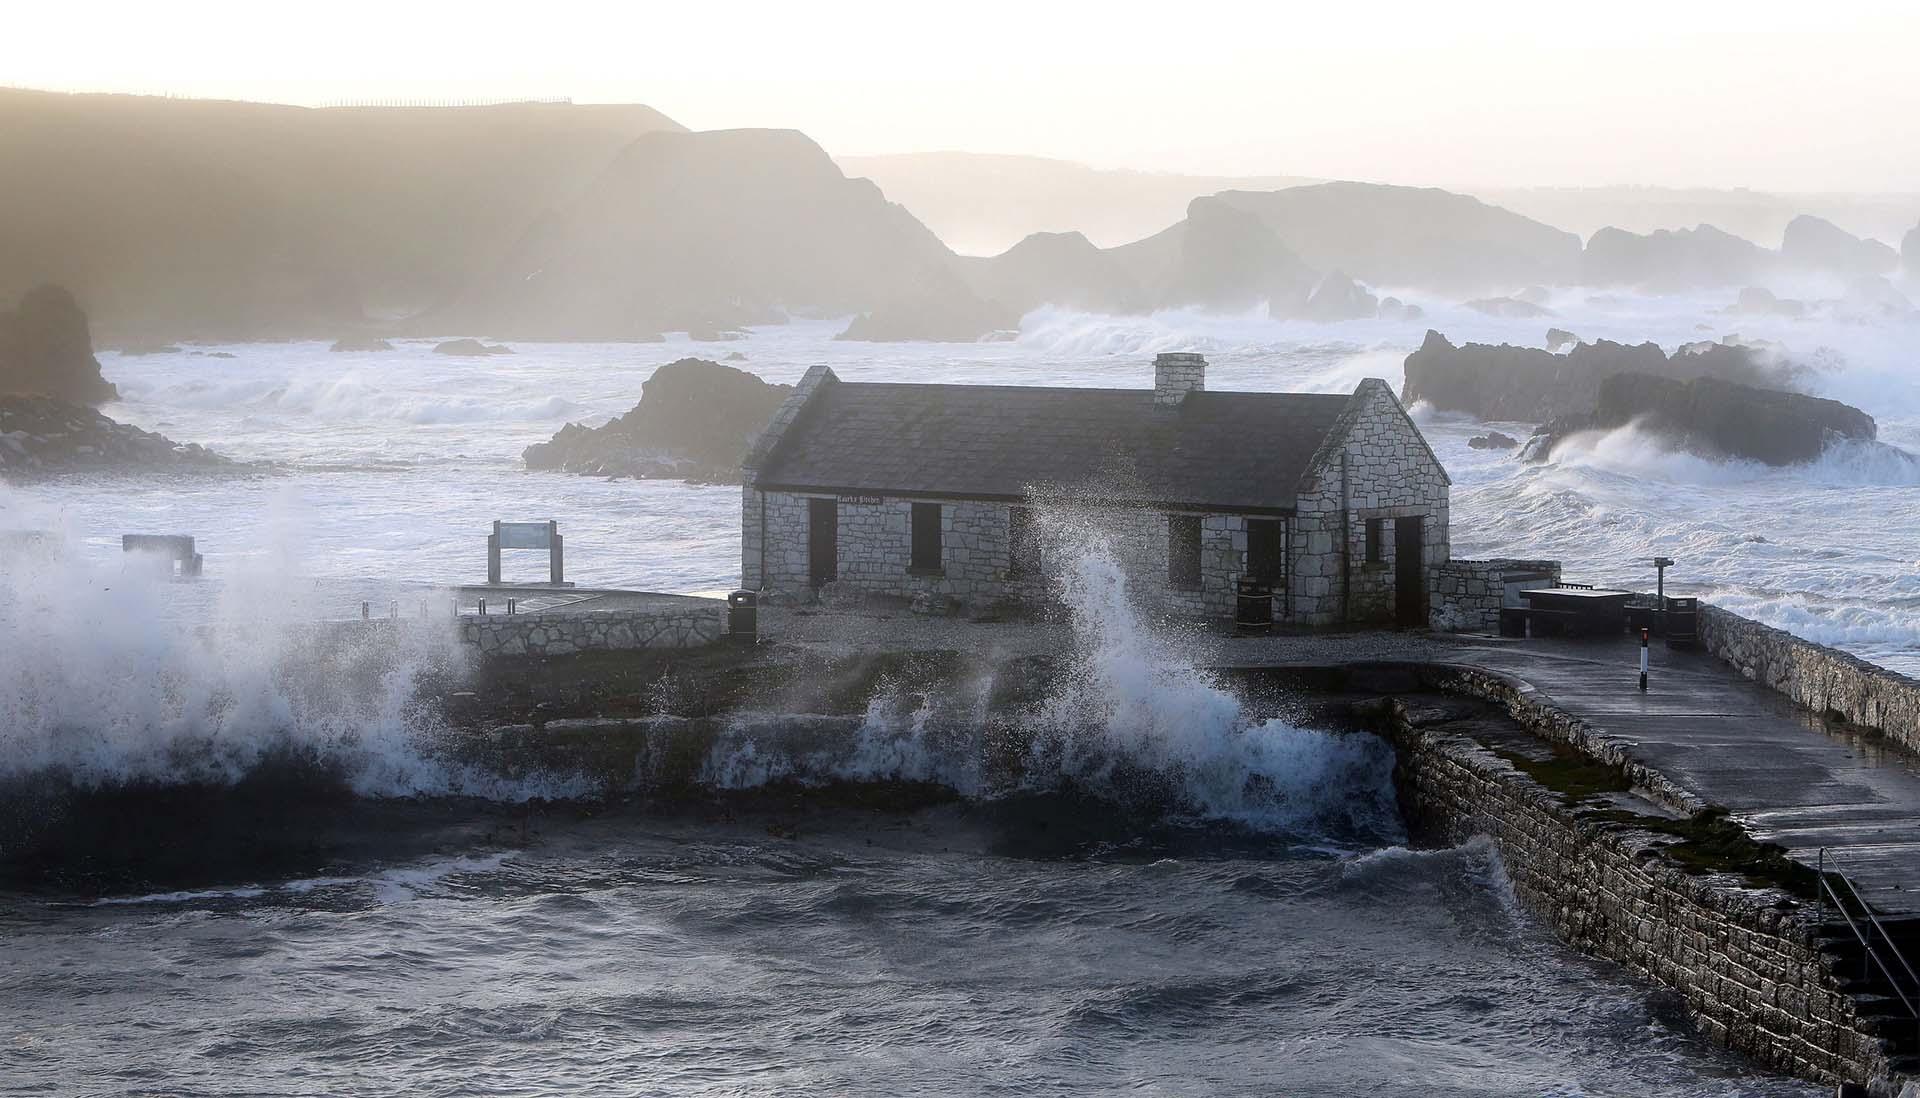 Con el tiempo desagradable constantemente golpeando, Ballintoy, una aldea tempestuosa en Irlanda del Norte, no es de extrañar por qué este lugar fue elegido como Pyke, el asiento de la Casa Greyjoy